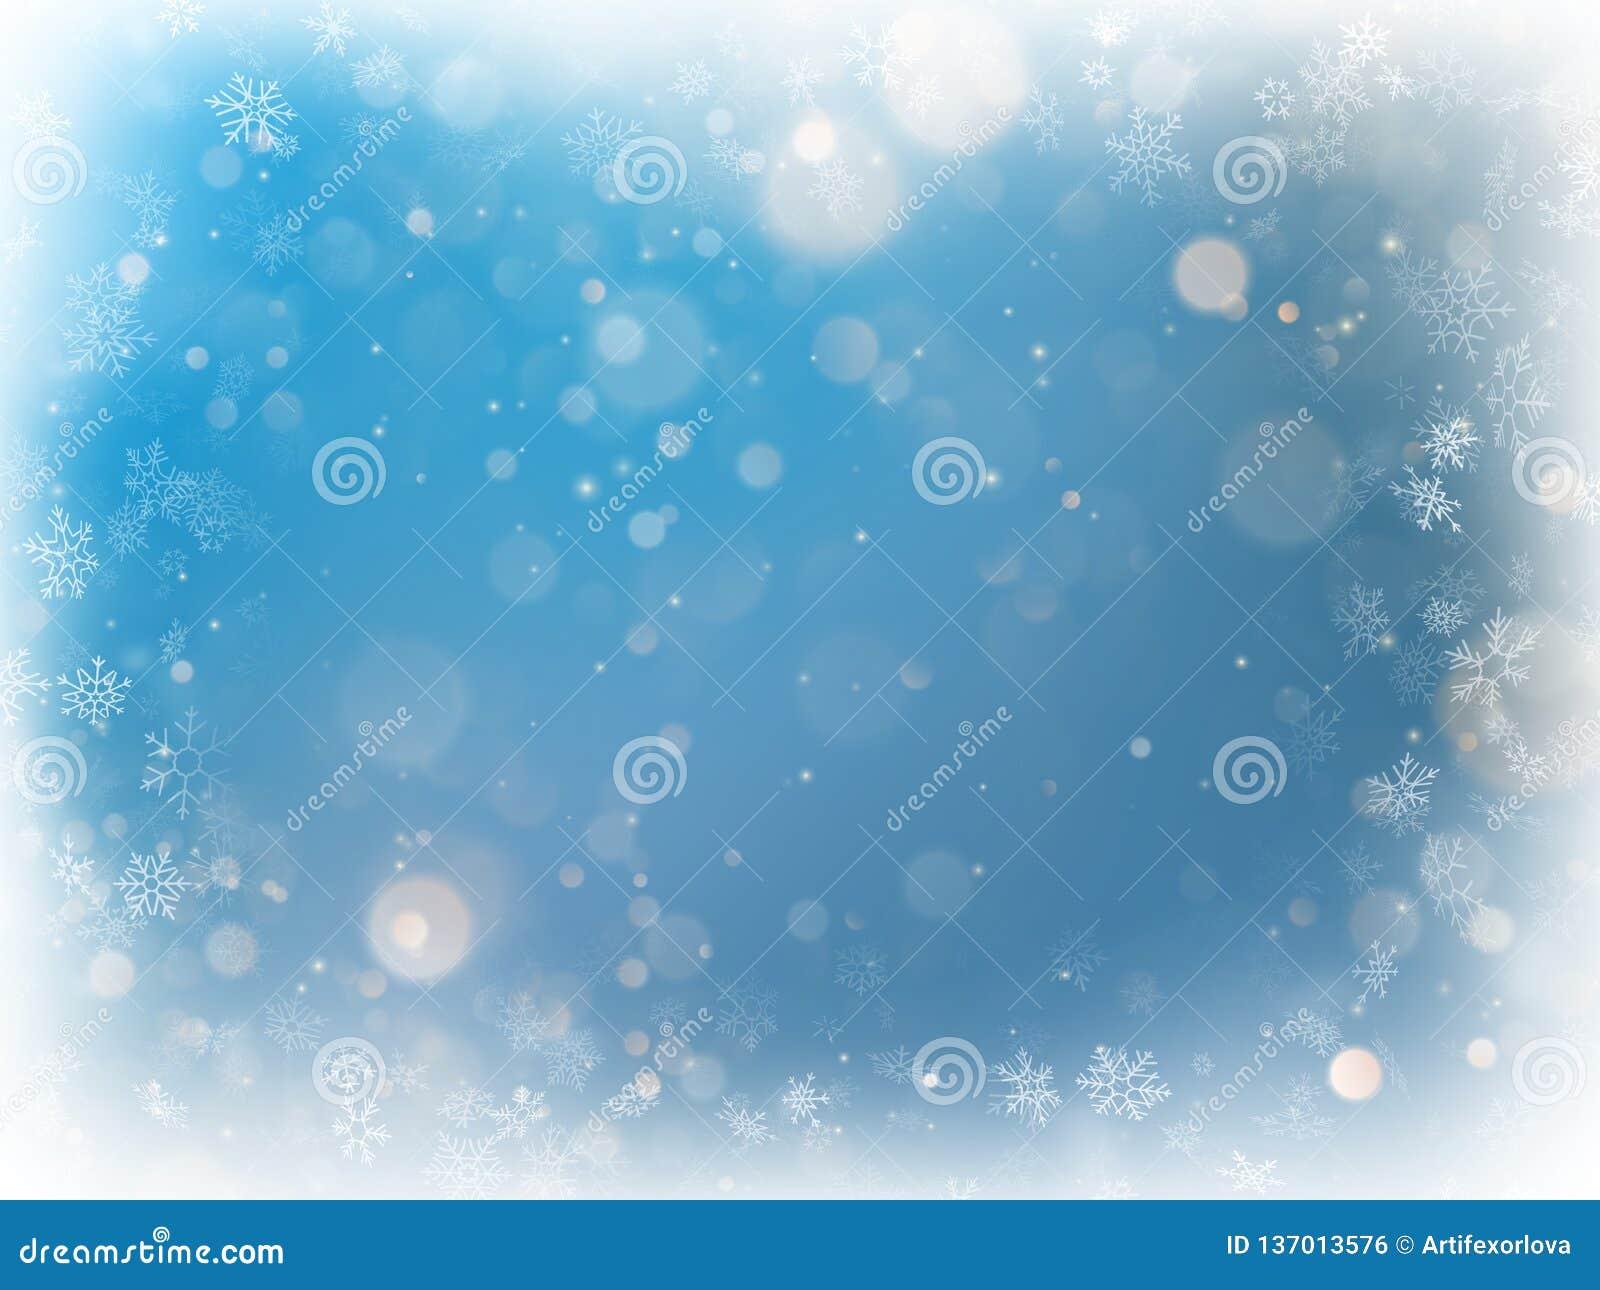 Μπλε θολωμένο bokeh ελαφρύ υπόβαθρο Χριστουγέννων Οι διακοπές το σκηνικό πυράκτωσης με να αναβοσβήσουν τα αστέρια 10 eps